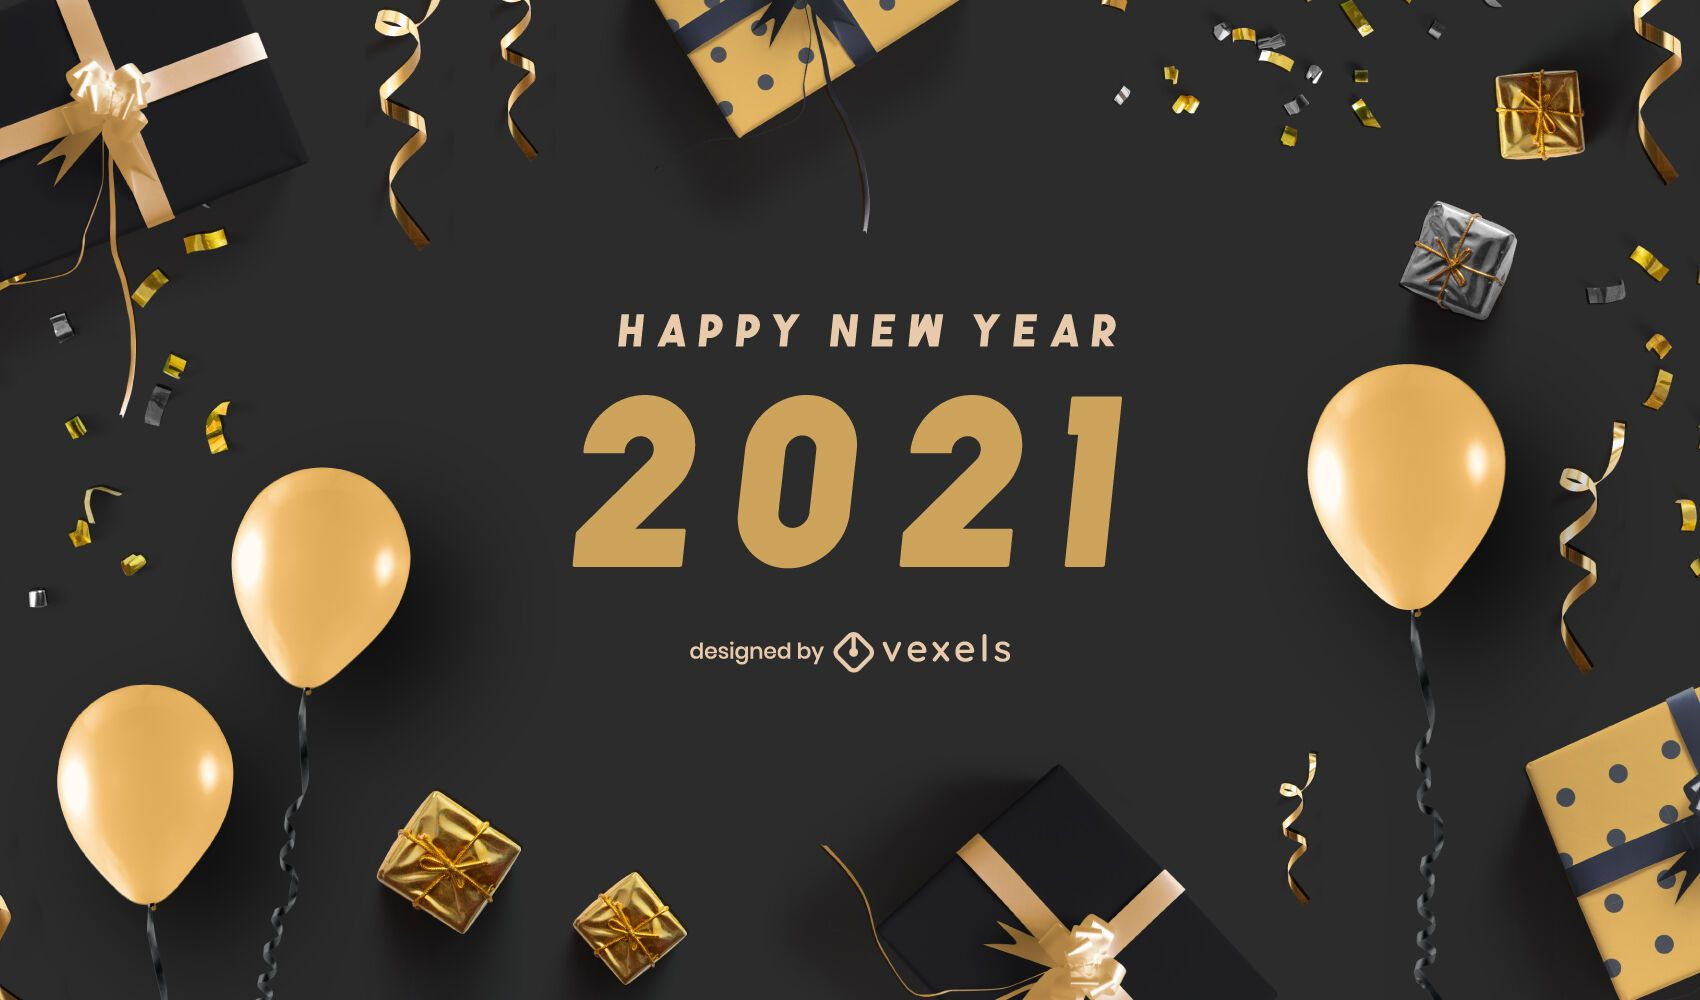 Feliz año nuevo 2021 diseño de fondo